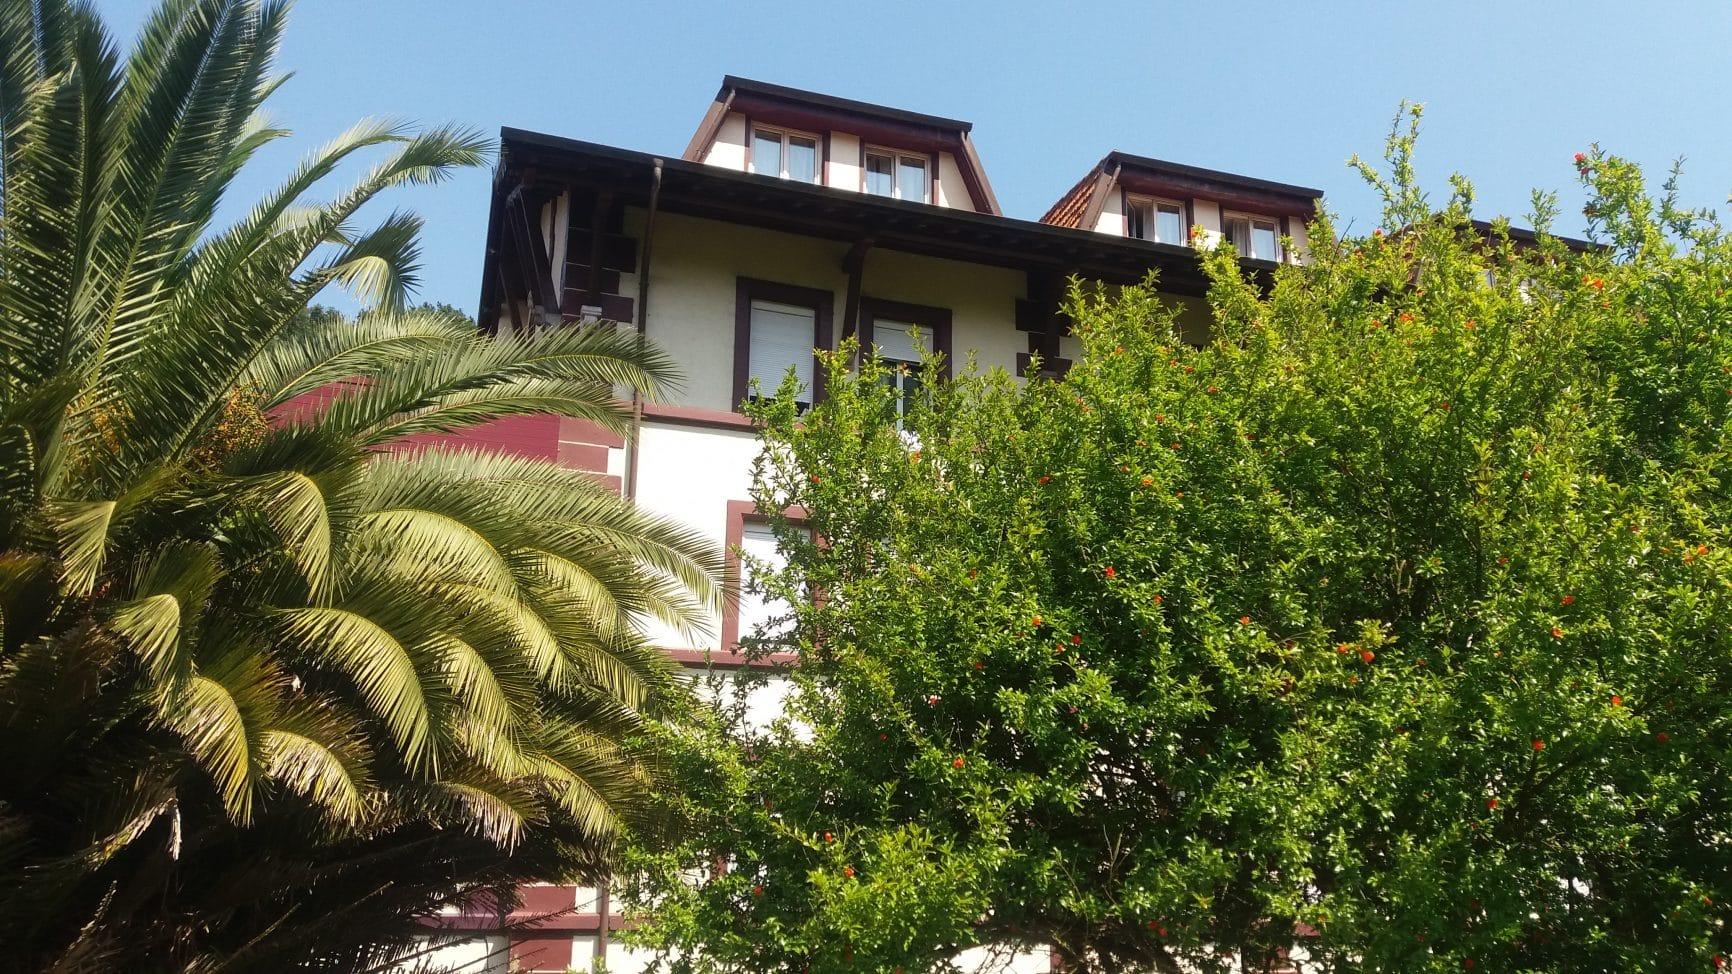 Una casa de ensueño dedicada a la espiritualidad desde el año 1952